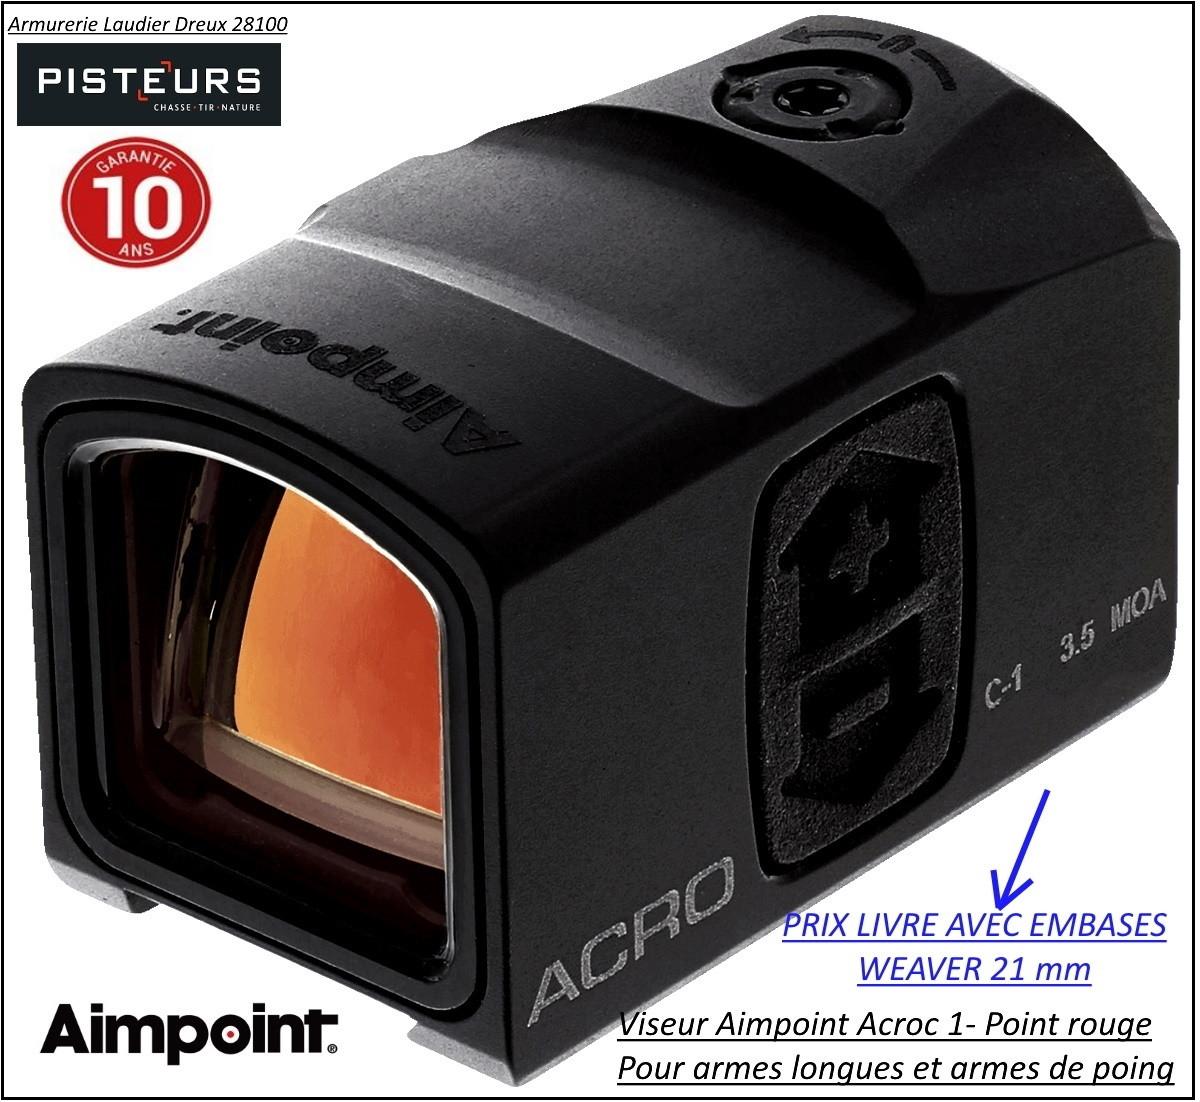 Viseur Aimpoint ACRO C1 Point rouge mini-AVEC EMBASE DEMONTABLE 21 MM -Promotion-Ref 35754